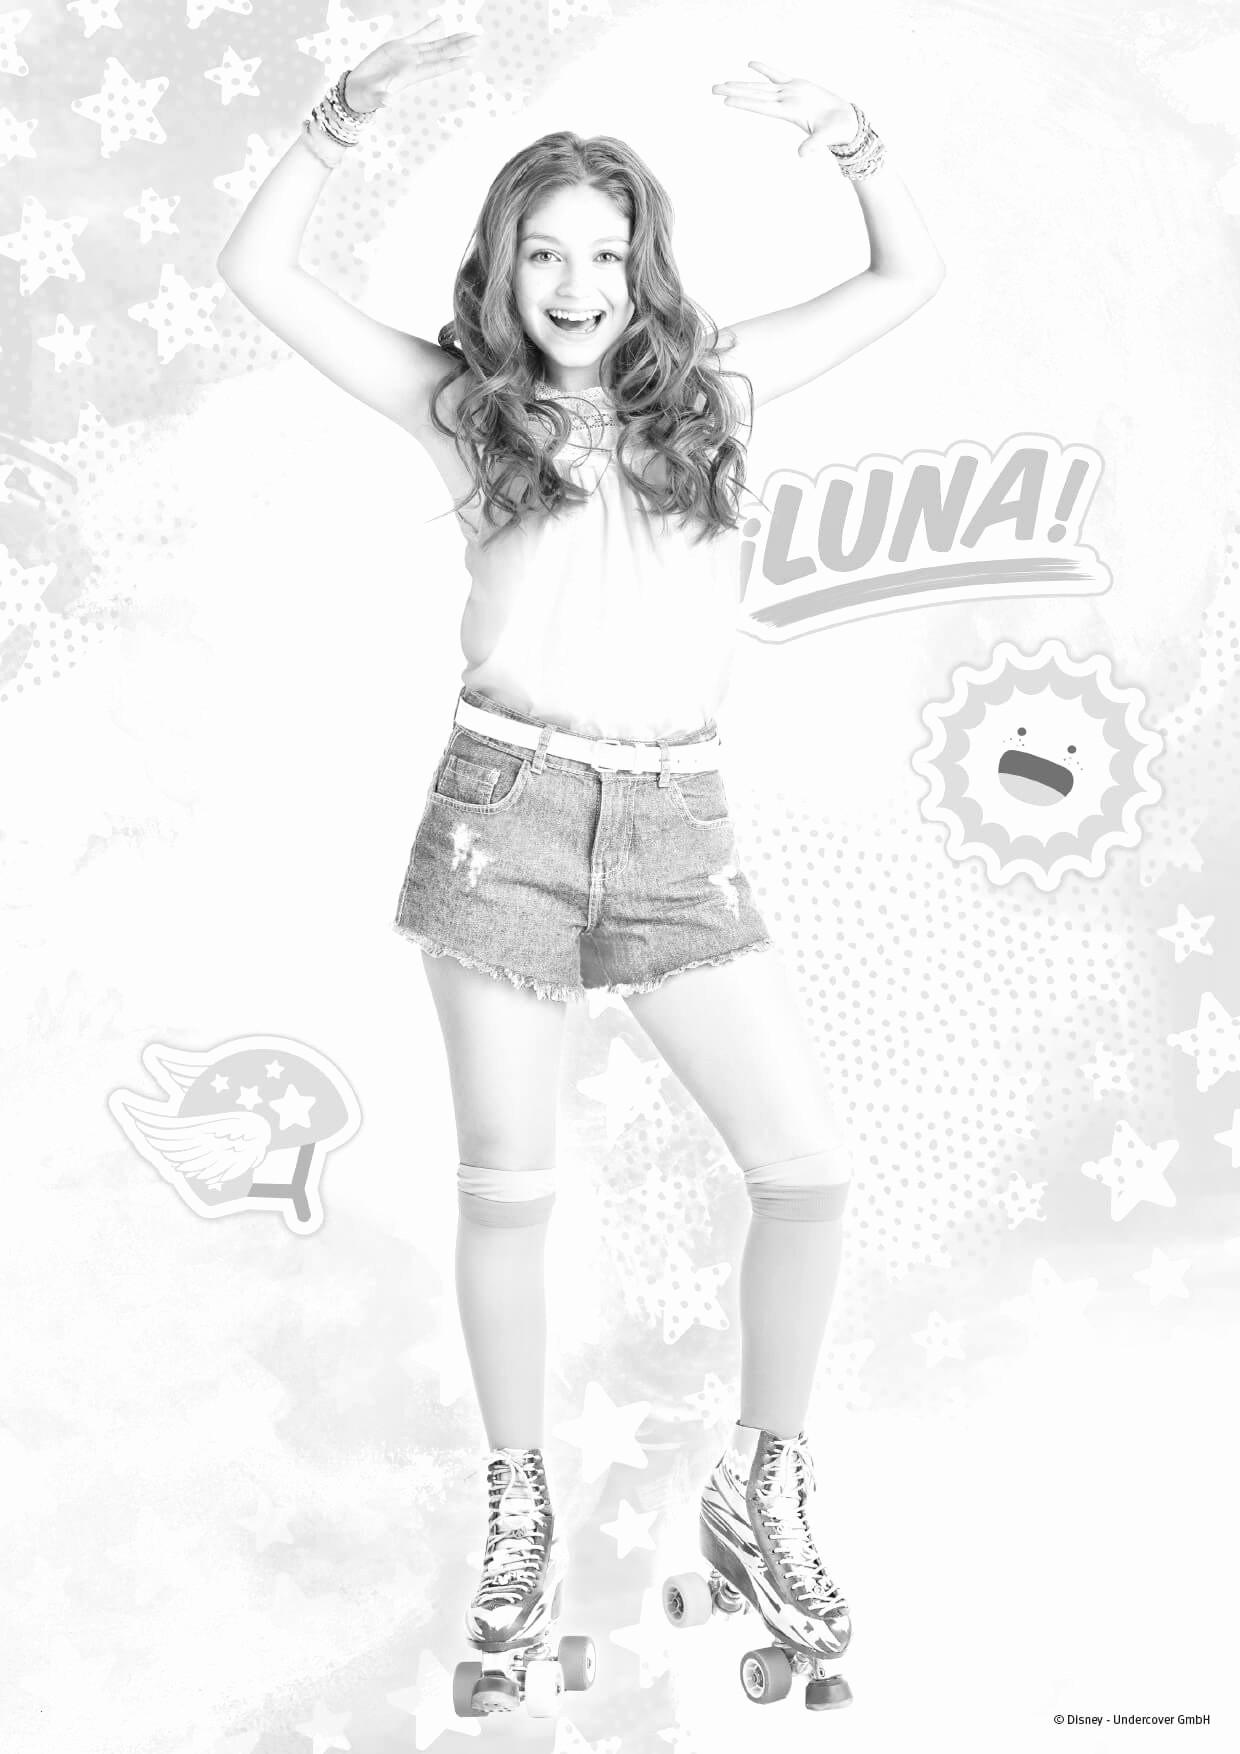 Soy Luna Ausmalbilder Einzigartig soy Luna A Imprimer élégant 35 soy Luna Ausmalbilder Scoredatscore Galerie